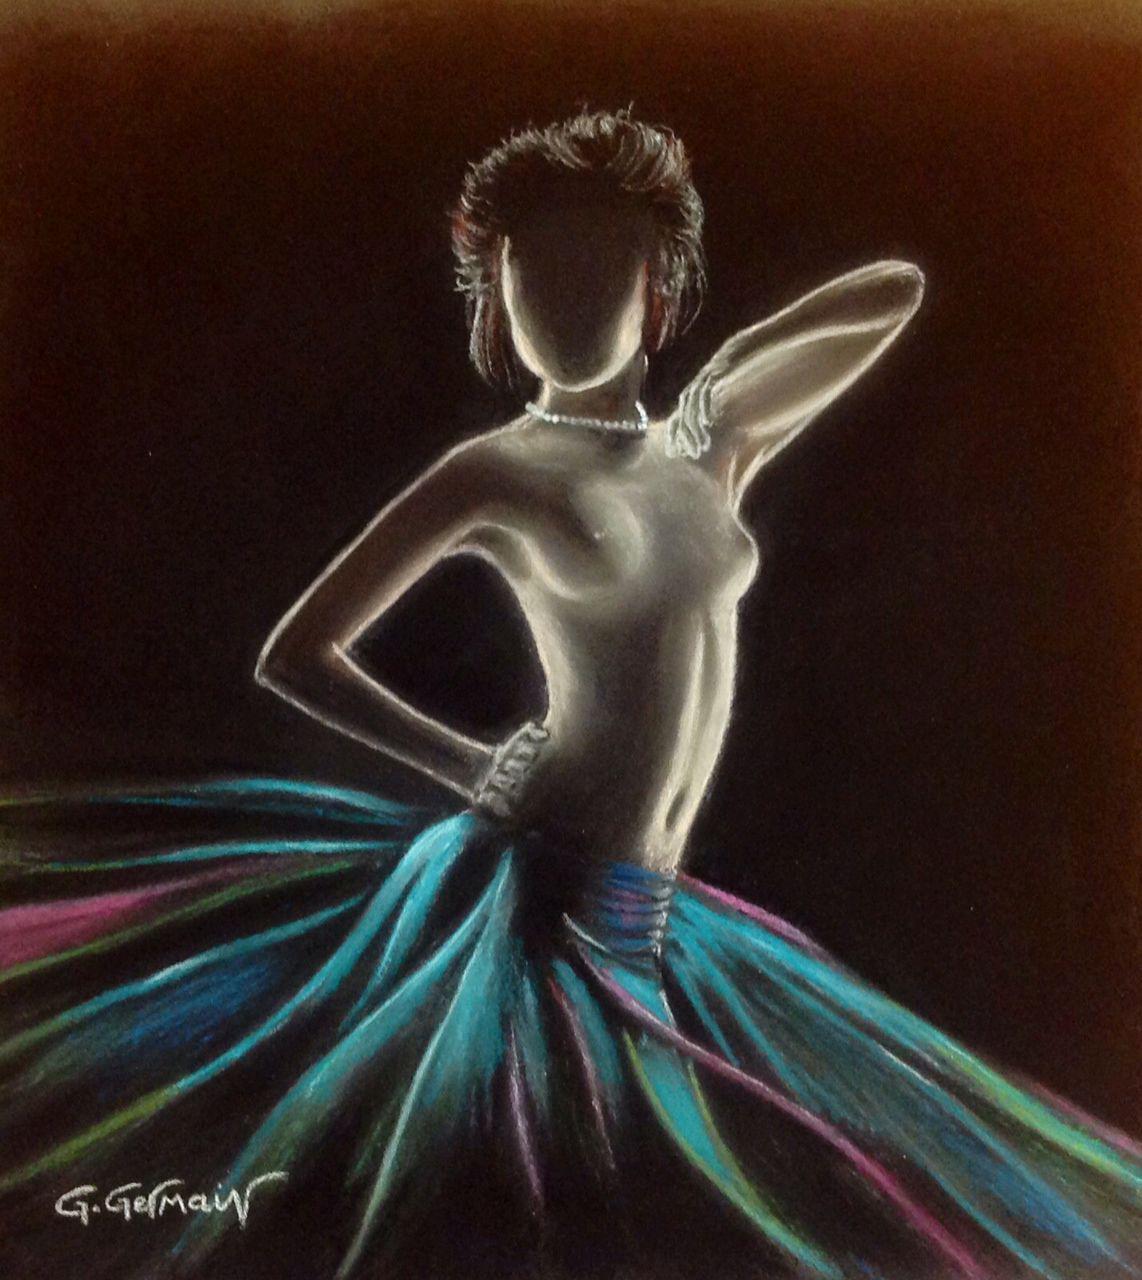 Gérard GERMAIN danseuse nue